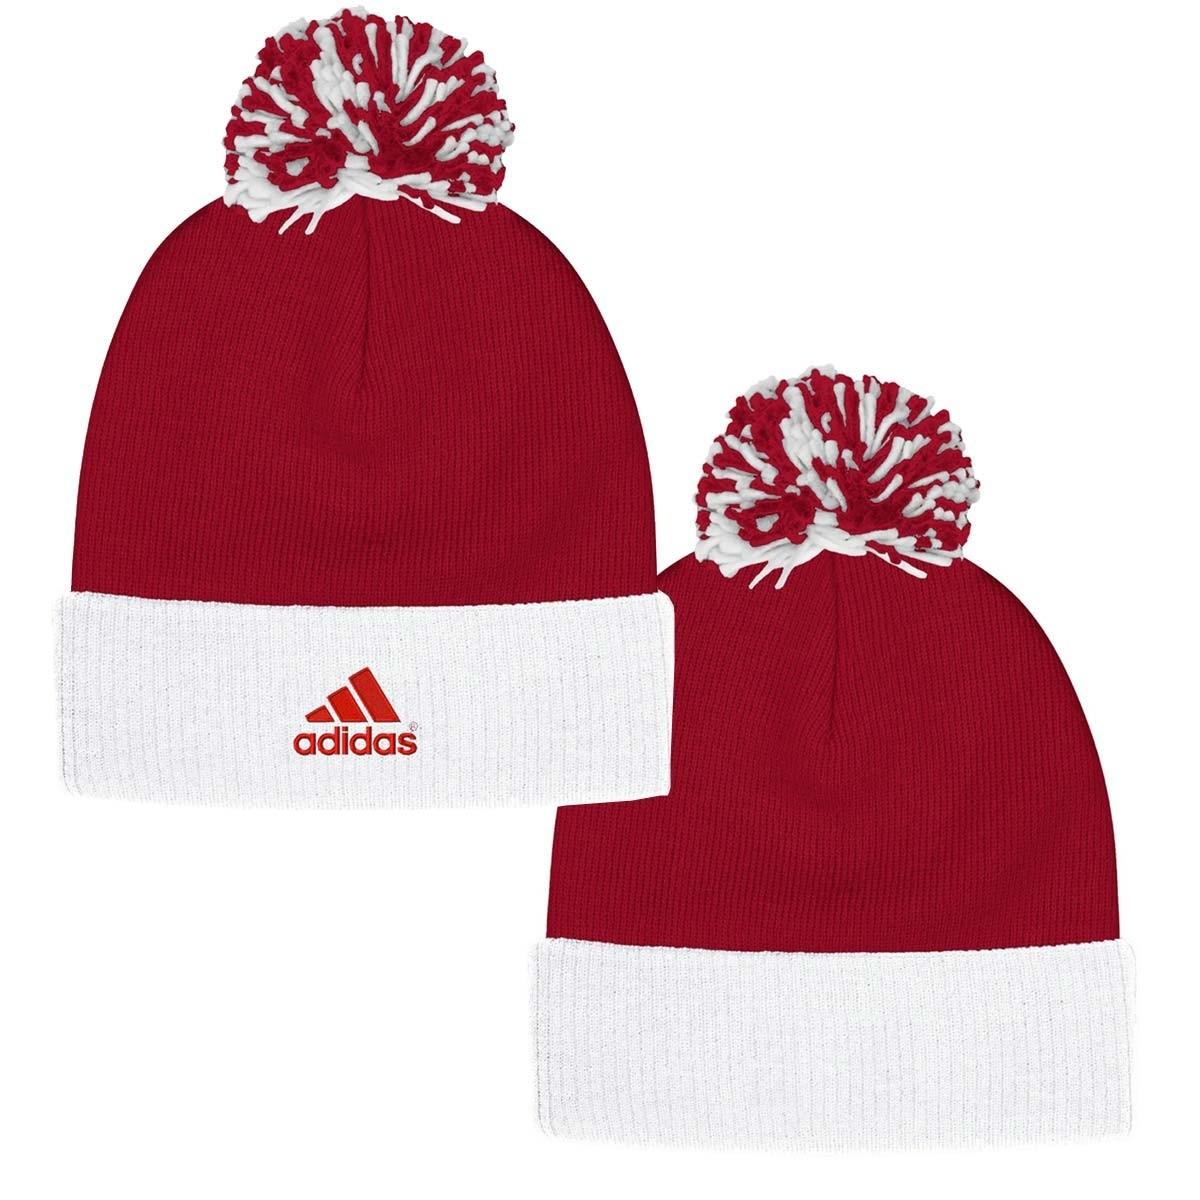 173ae45174e Adidas Cuffed Pom Beanie Hat-A80-508